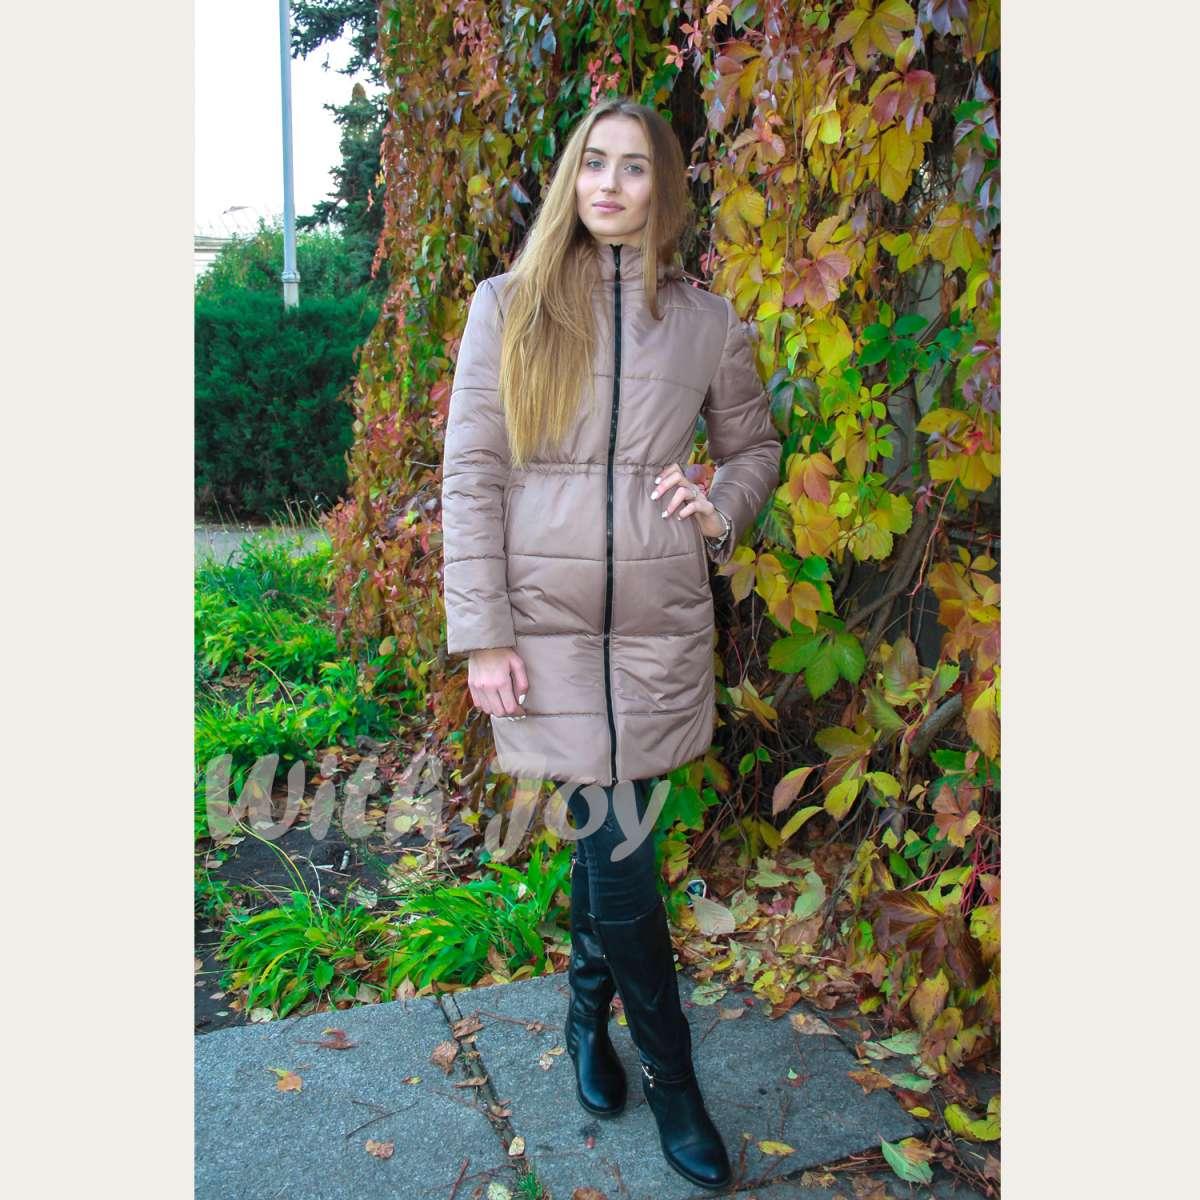 With Joy Слингокуртка 3в1, куртка для беременных и для слингоношения